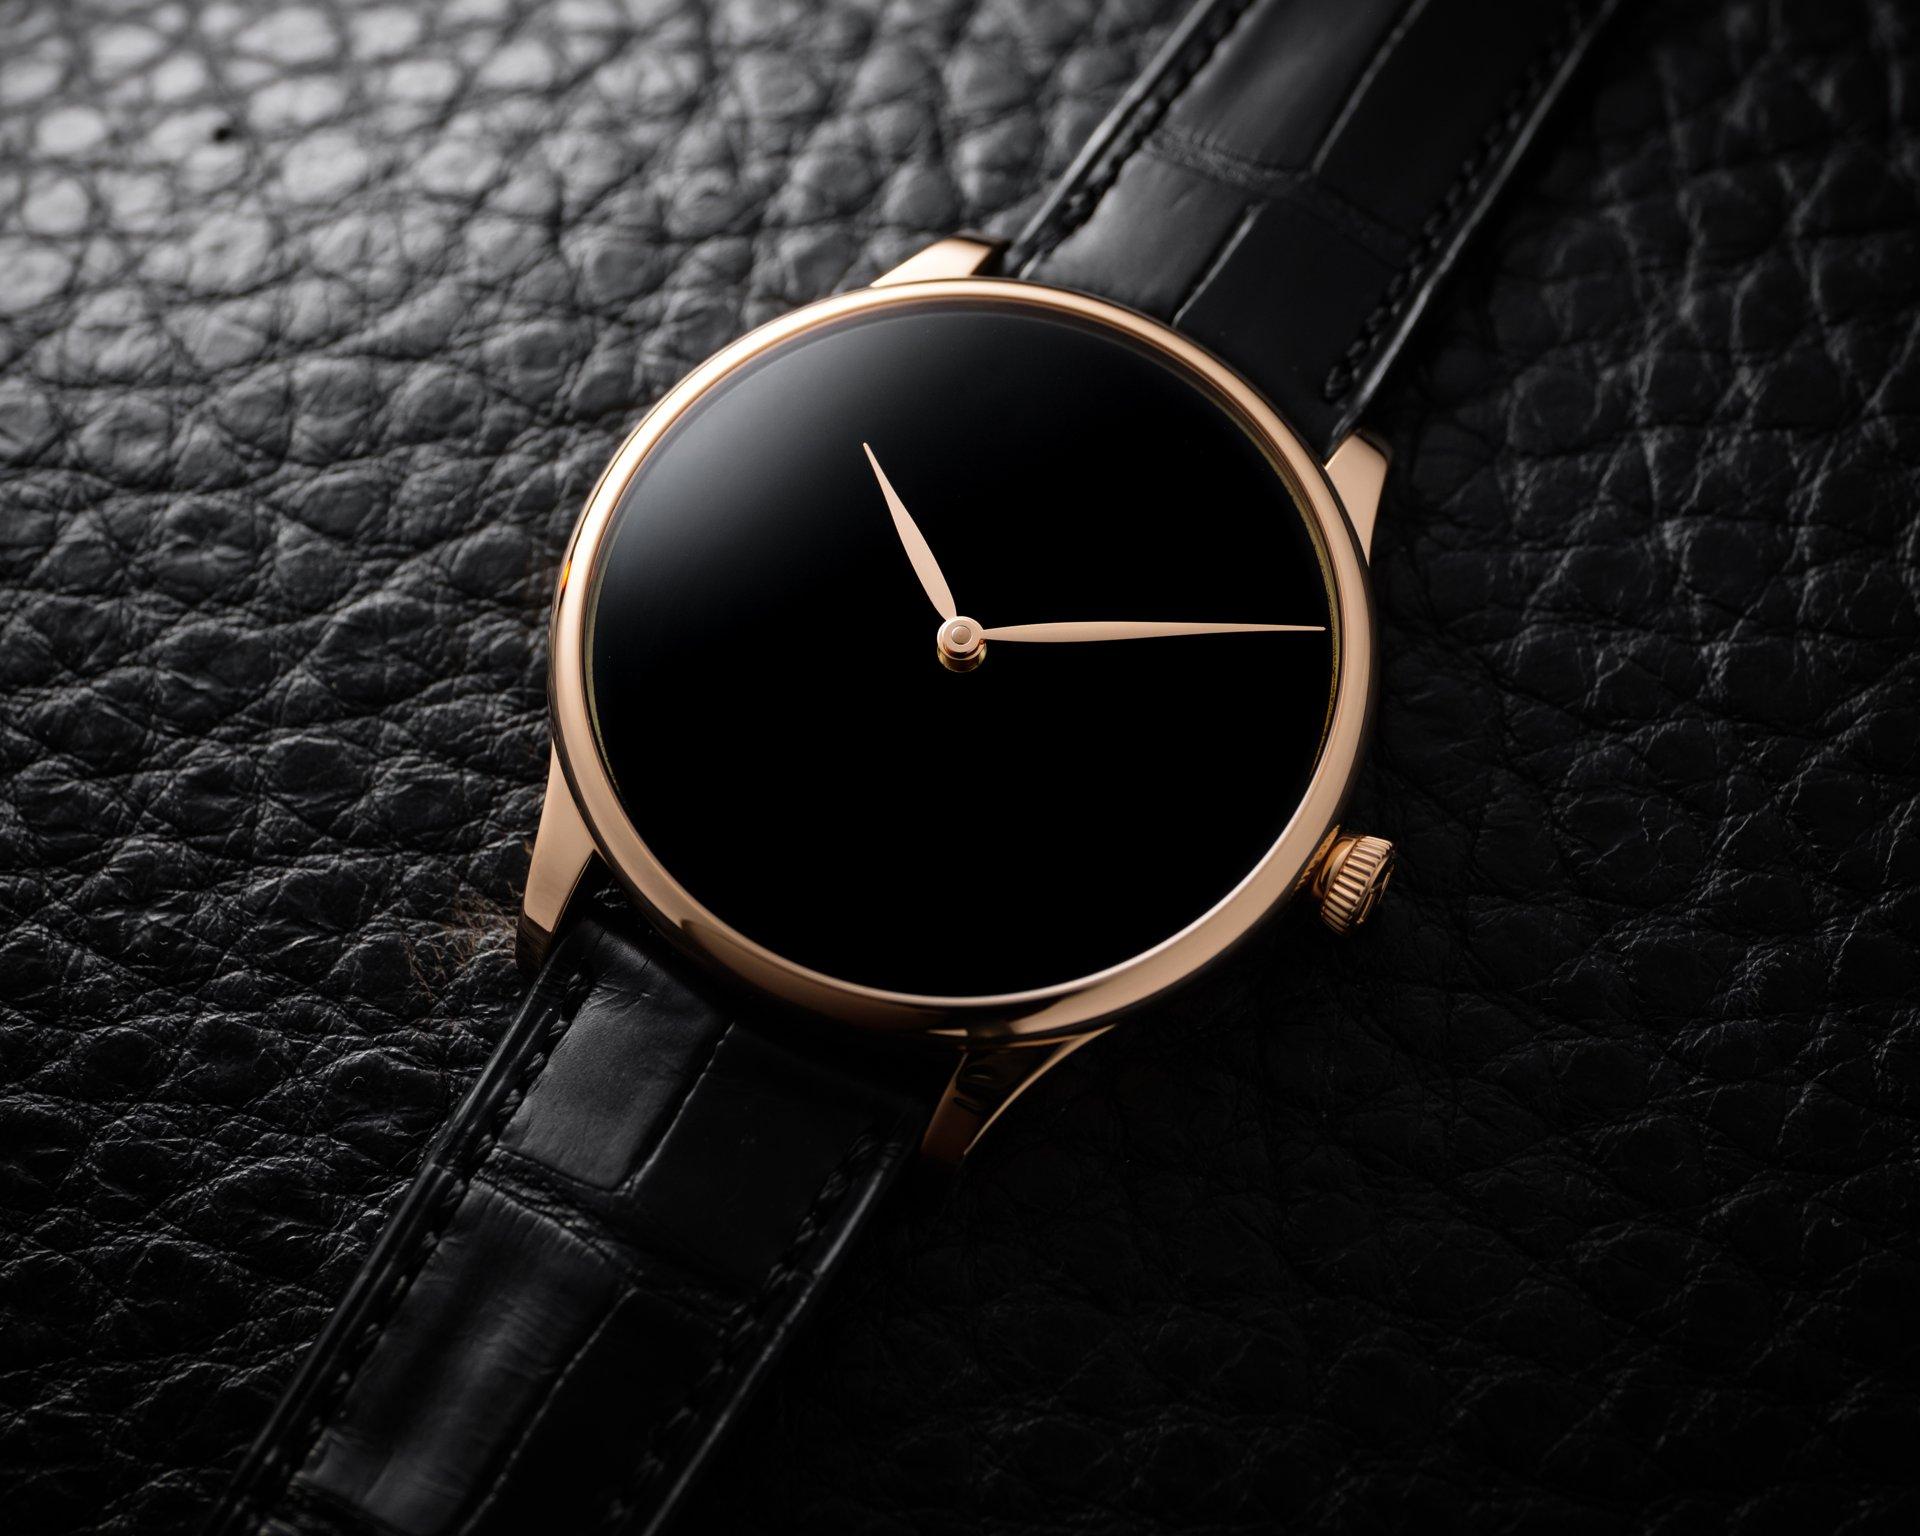 Venturer Concept Vantablack®, reference 2327-0410, 5N red gold model, Vantablack® dial, black alligator leather strap